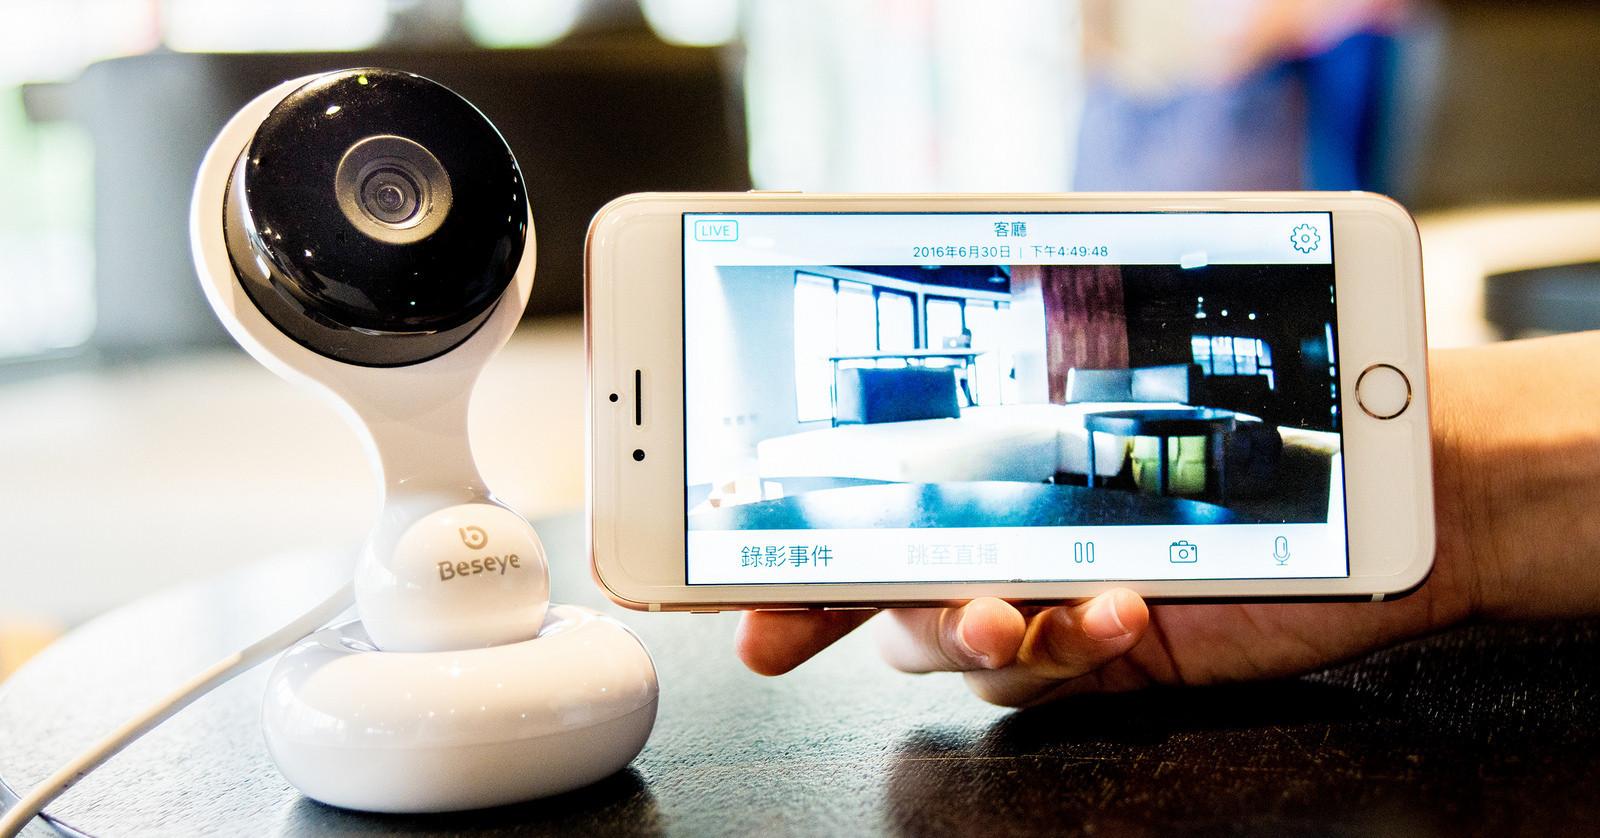 你的居家安全防護思維落伍了嗎?智慧雲端攝影機 Beseye 全面實測 60 天 - 癮科技